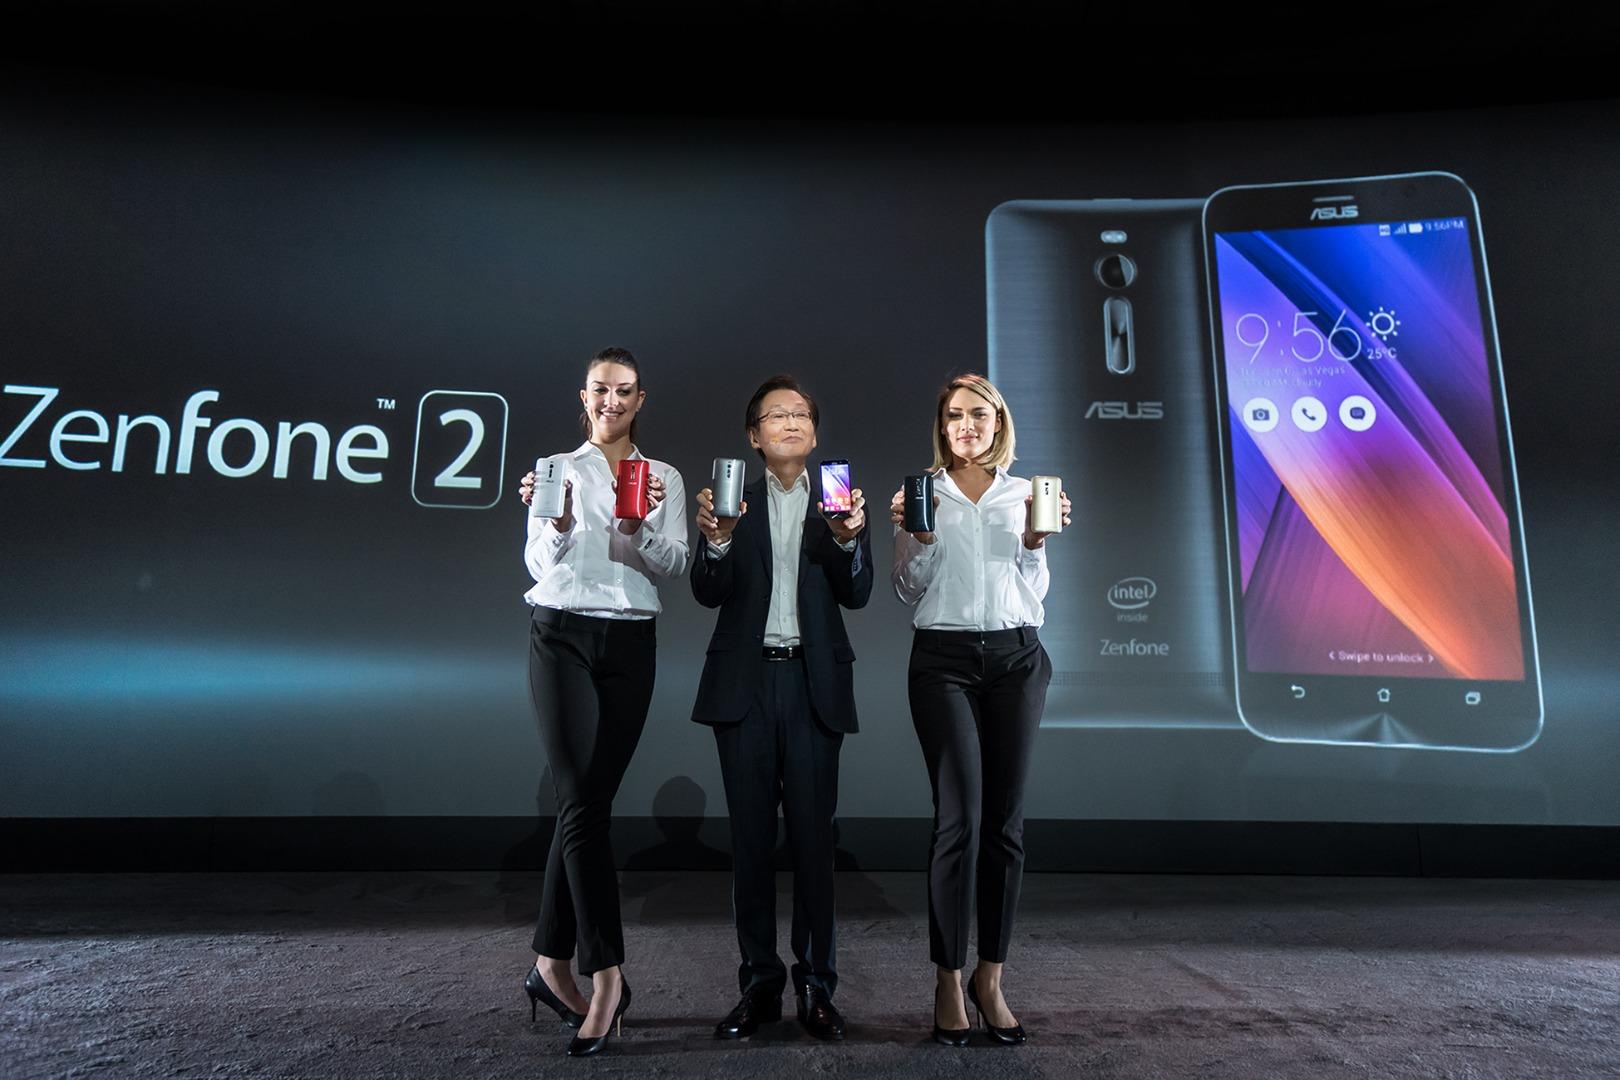 ASUS Chairman Jonney Shih introduces ZenFone 2 at CES 2015